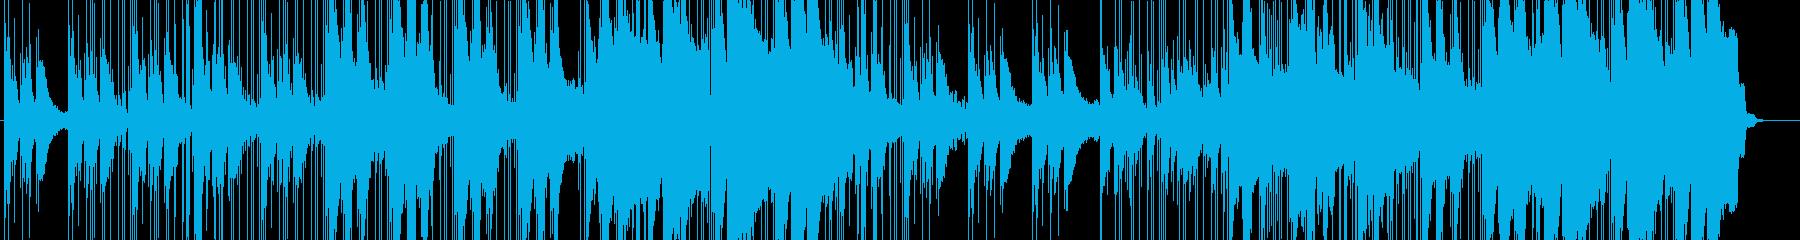 ピアノを使ったヒップホップの再生済みの波形